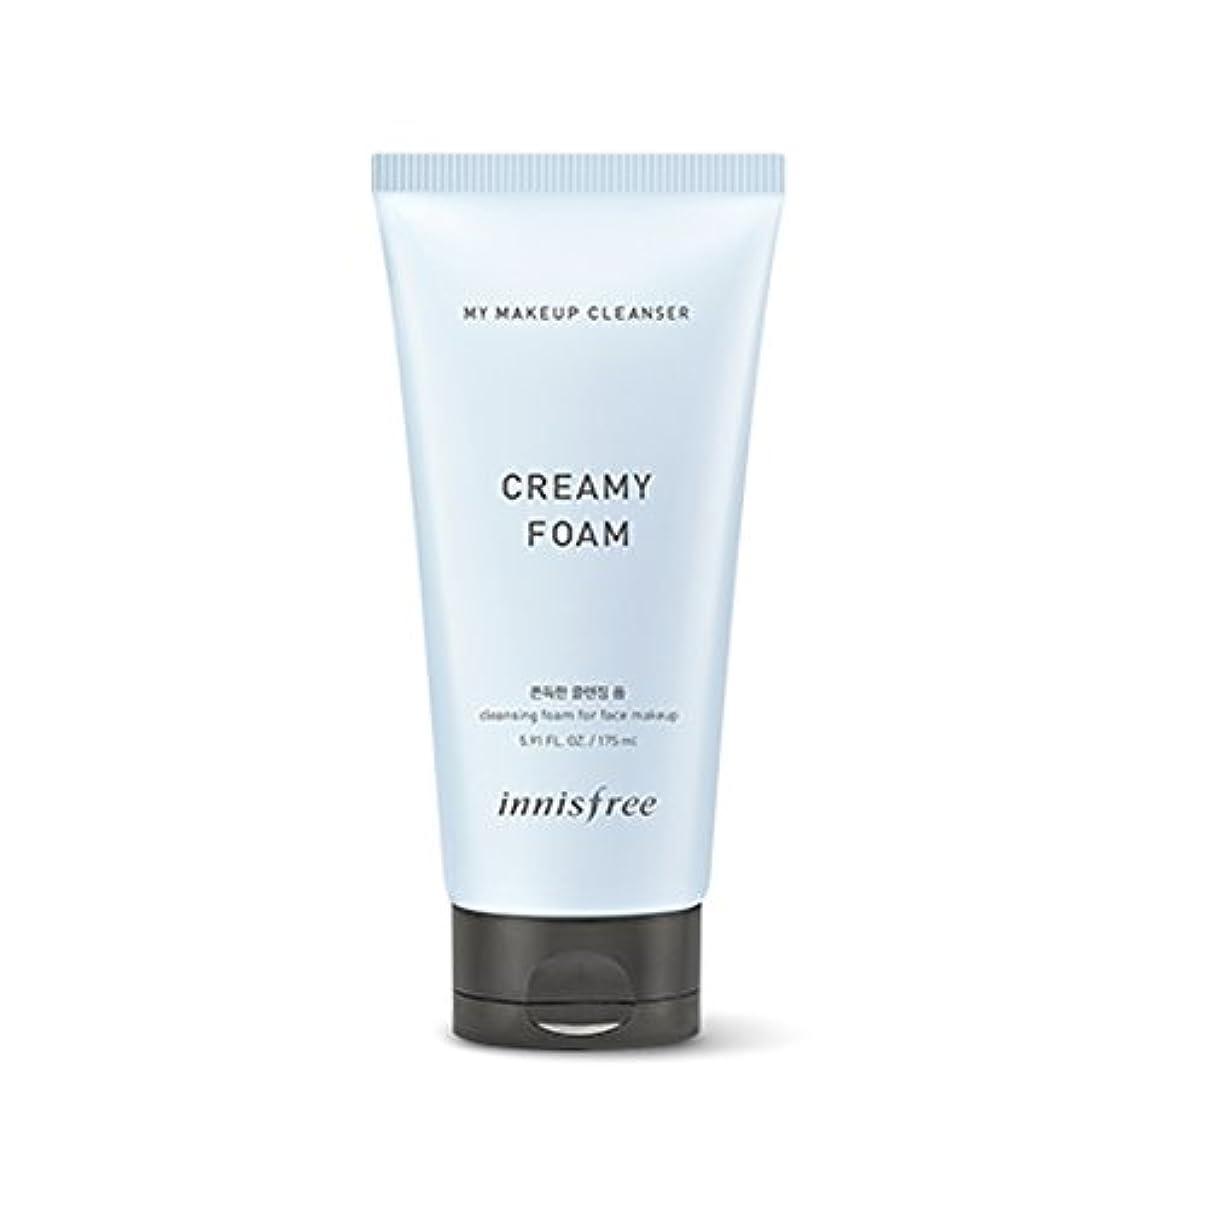 家事リファインキルスイニスフリーマイメイクアップクレンザー - クリームフォーム175ml Innisfree My Makeup Cleanser - Creamy Form 175ml [海外直送品][並行輸入品]